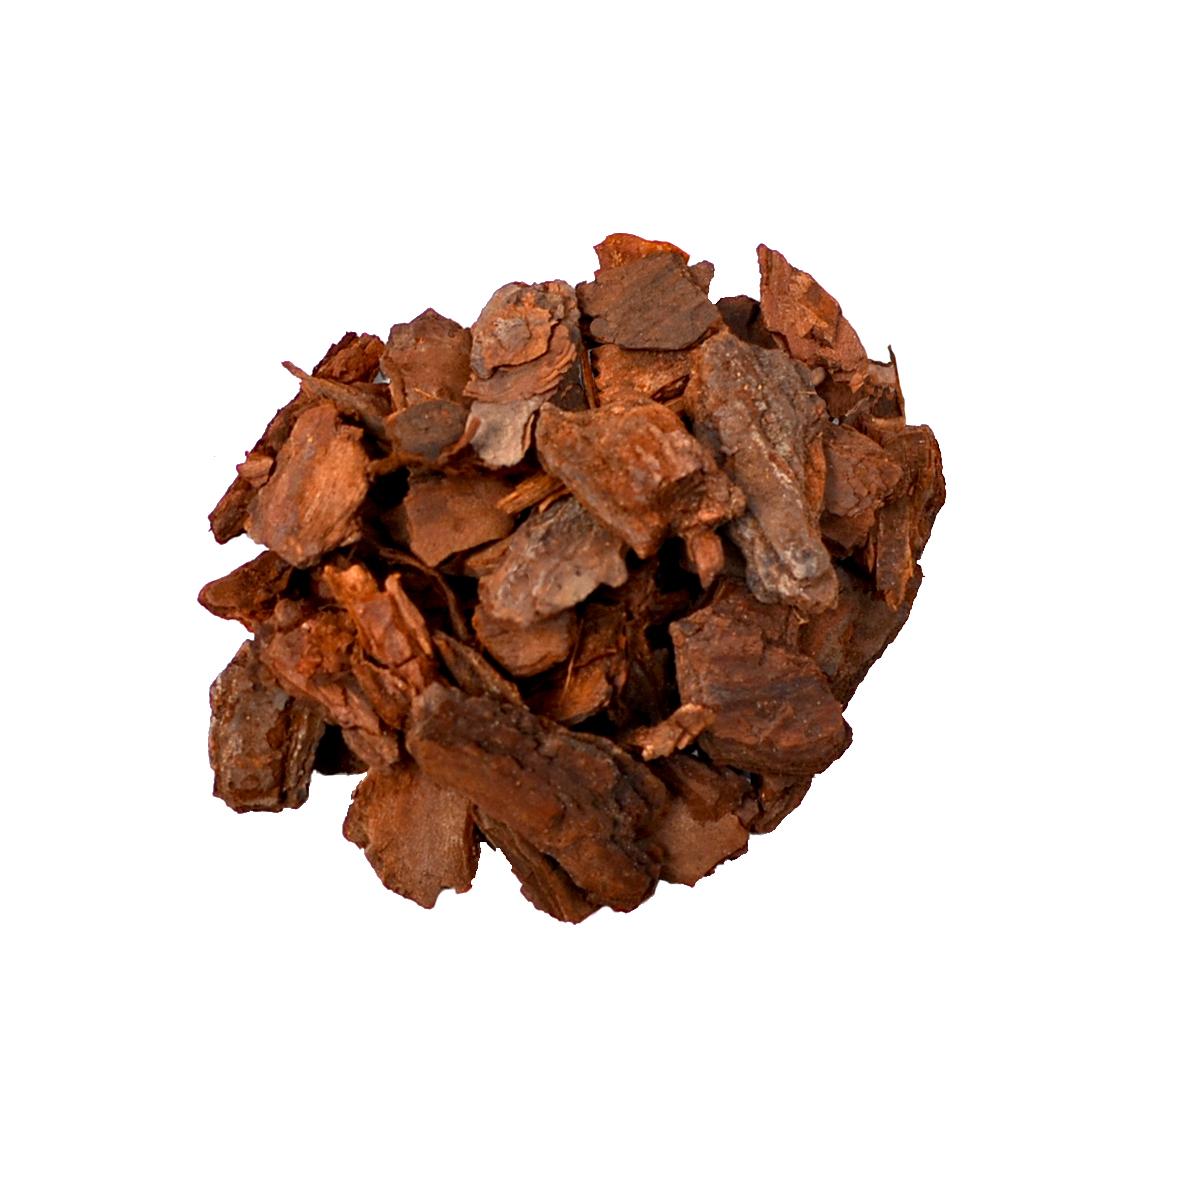 Mosser Lee ML1151 Forest Bark Soil Cover, 1.5 dry qt. - Walmart.com